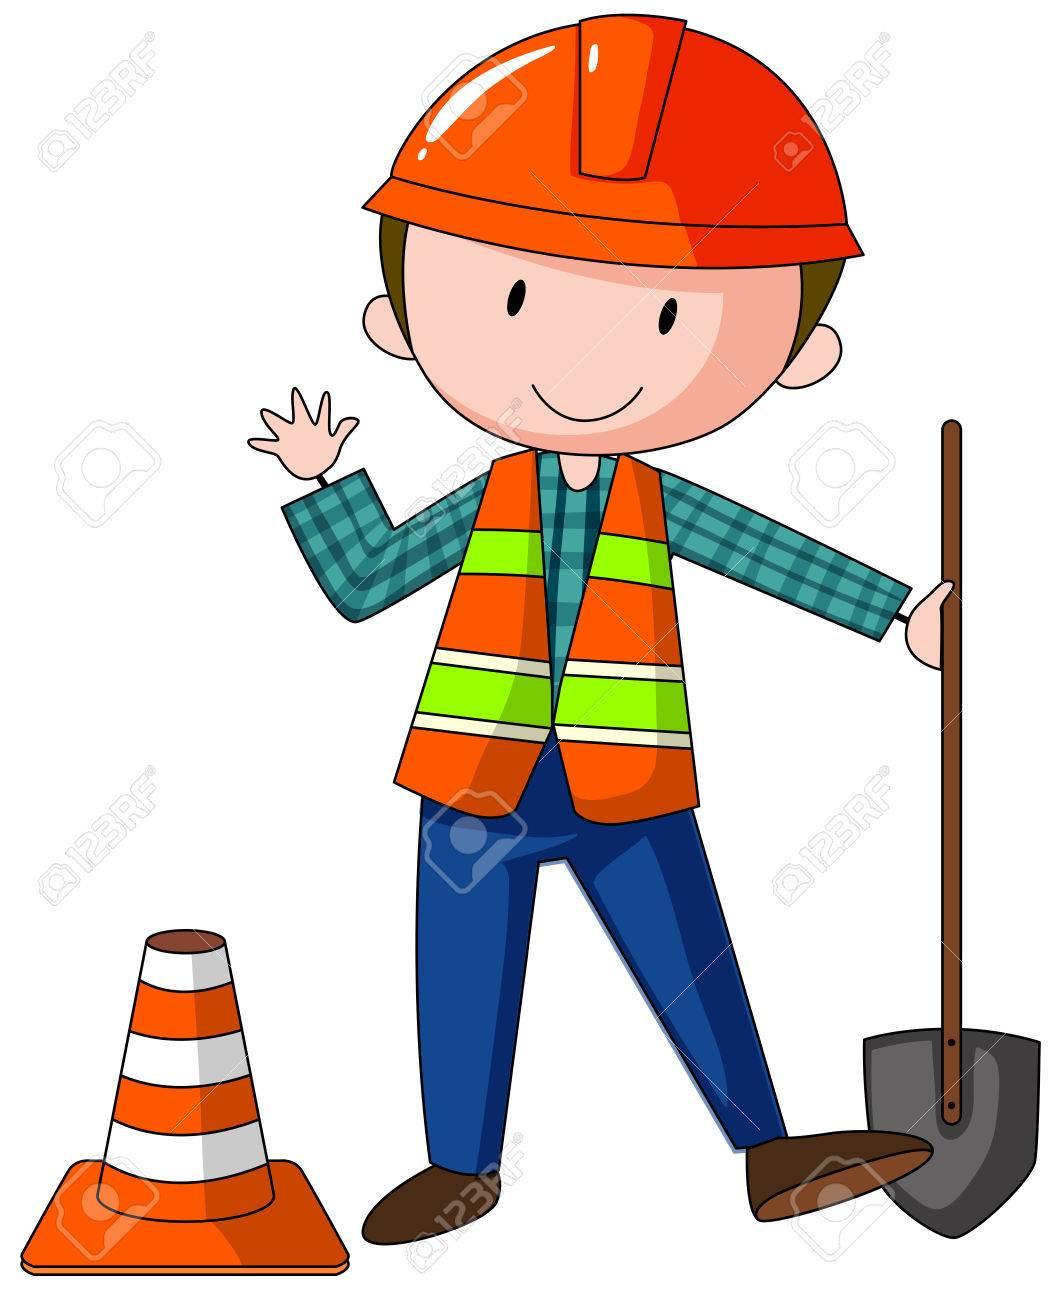 Bauarbeiter zeichnung  Nahaufnahme Bauarbeiter Mit Schaufel Lizenzfrei Nutzbare ...